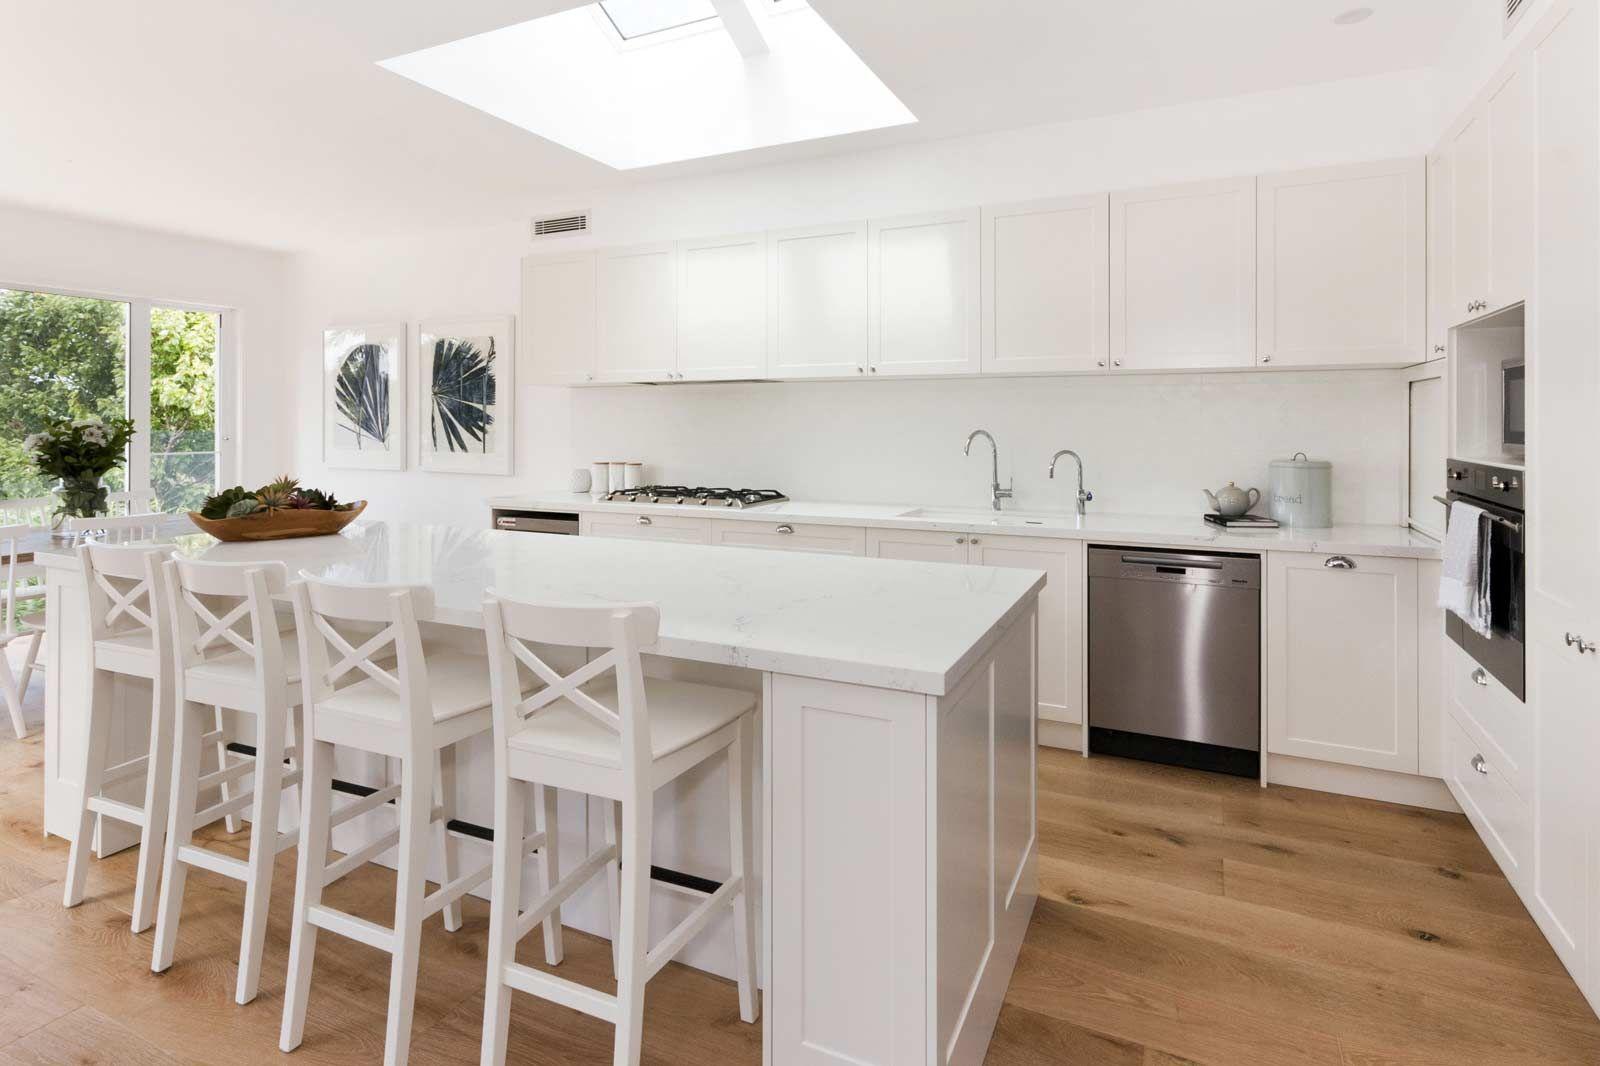 Kitchen Design Ideas - Premier Kitchens Australia ...